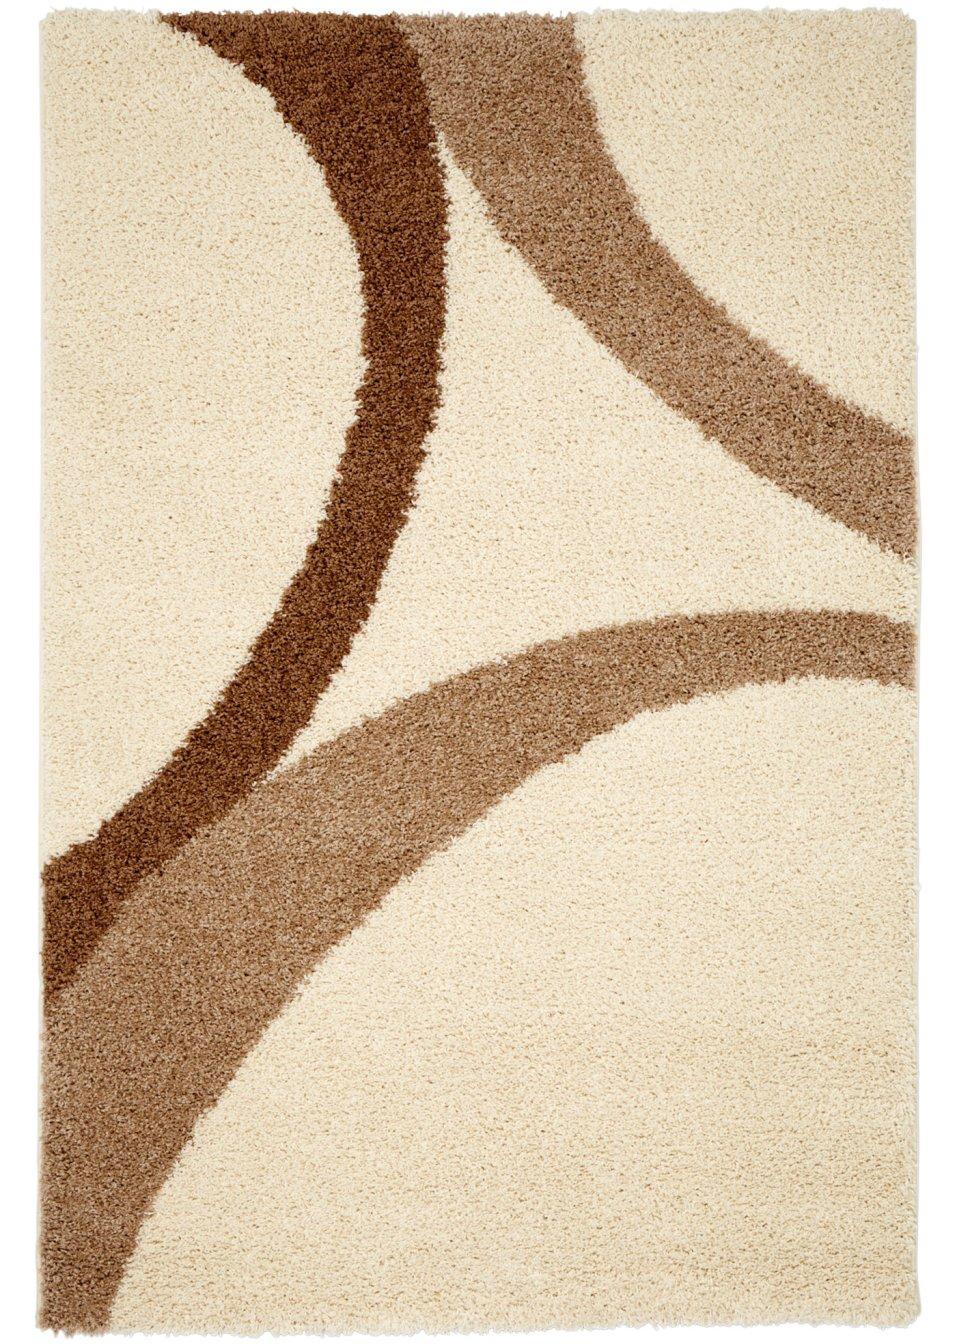 kuschlig weicher teppich mit extra hohem flor und modernem muster natur. Black Bedroom Furniture Sets. Home Design Ideas